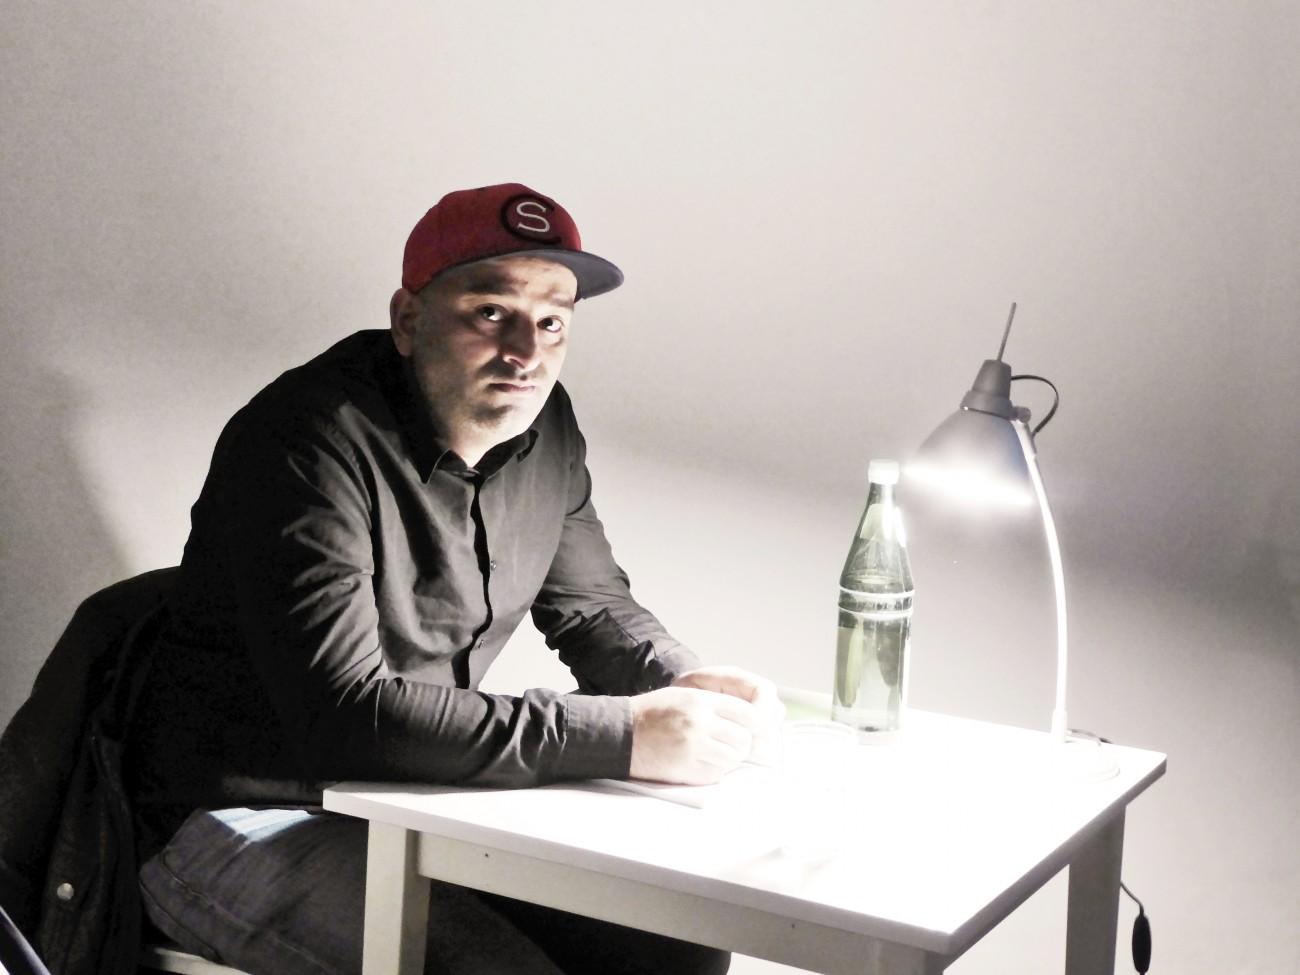 Hammed Khamis Der Schriftsteller und Blogger ist das elfte von 14 Kindern einer Großfamilie aus dem Libanon. In seinem Geburtsort Osnabrück war er Mitglied einer Jugendgang. In Berlin, wo er 2012 hinzog, engagiert er sich für Geflüchtete, leitet eine Integrationsschule. Zudem ist er Referent an der Polizeiakademie Oldenburg und arbeitet in fünf Jugendvollzugsanstalten in Nordrhein-Westfalen mit Jugendlichen.Foto: Privat